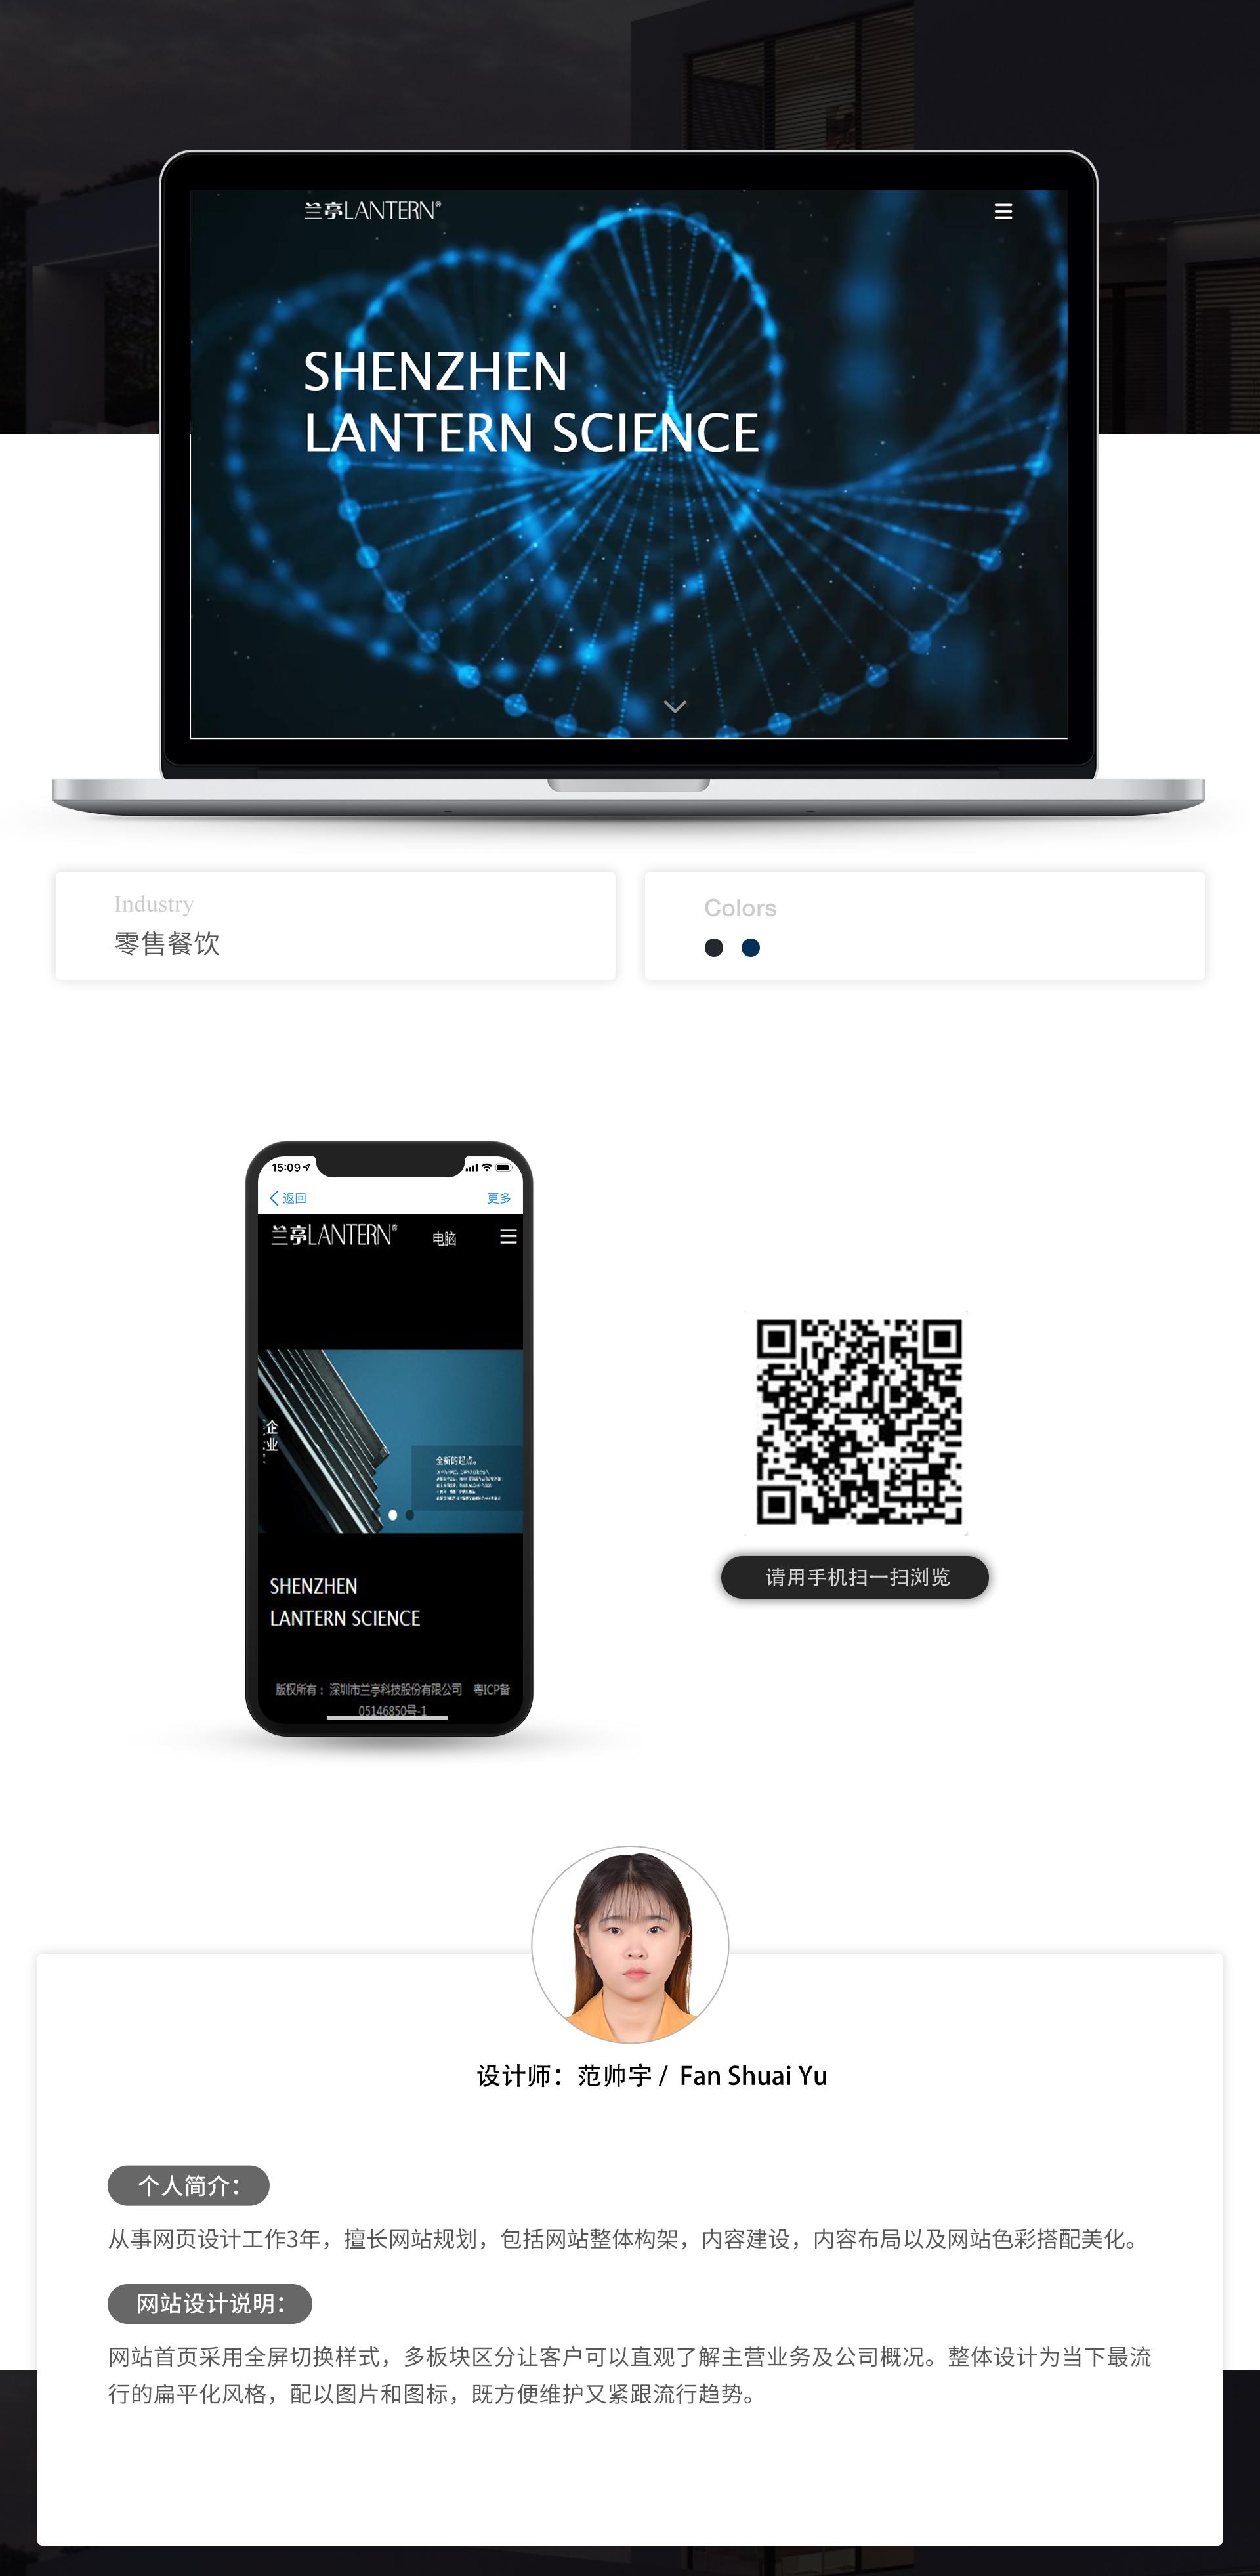 范帅宇-范帅宇-兰亭科技-范帅宇-兰亭科技_01